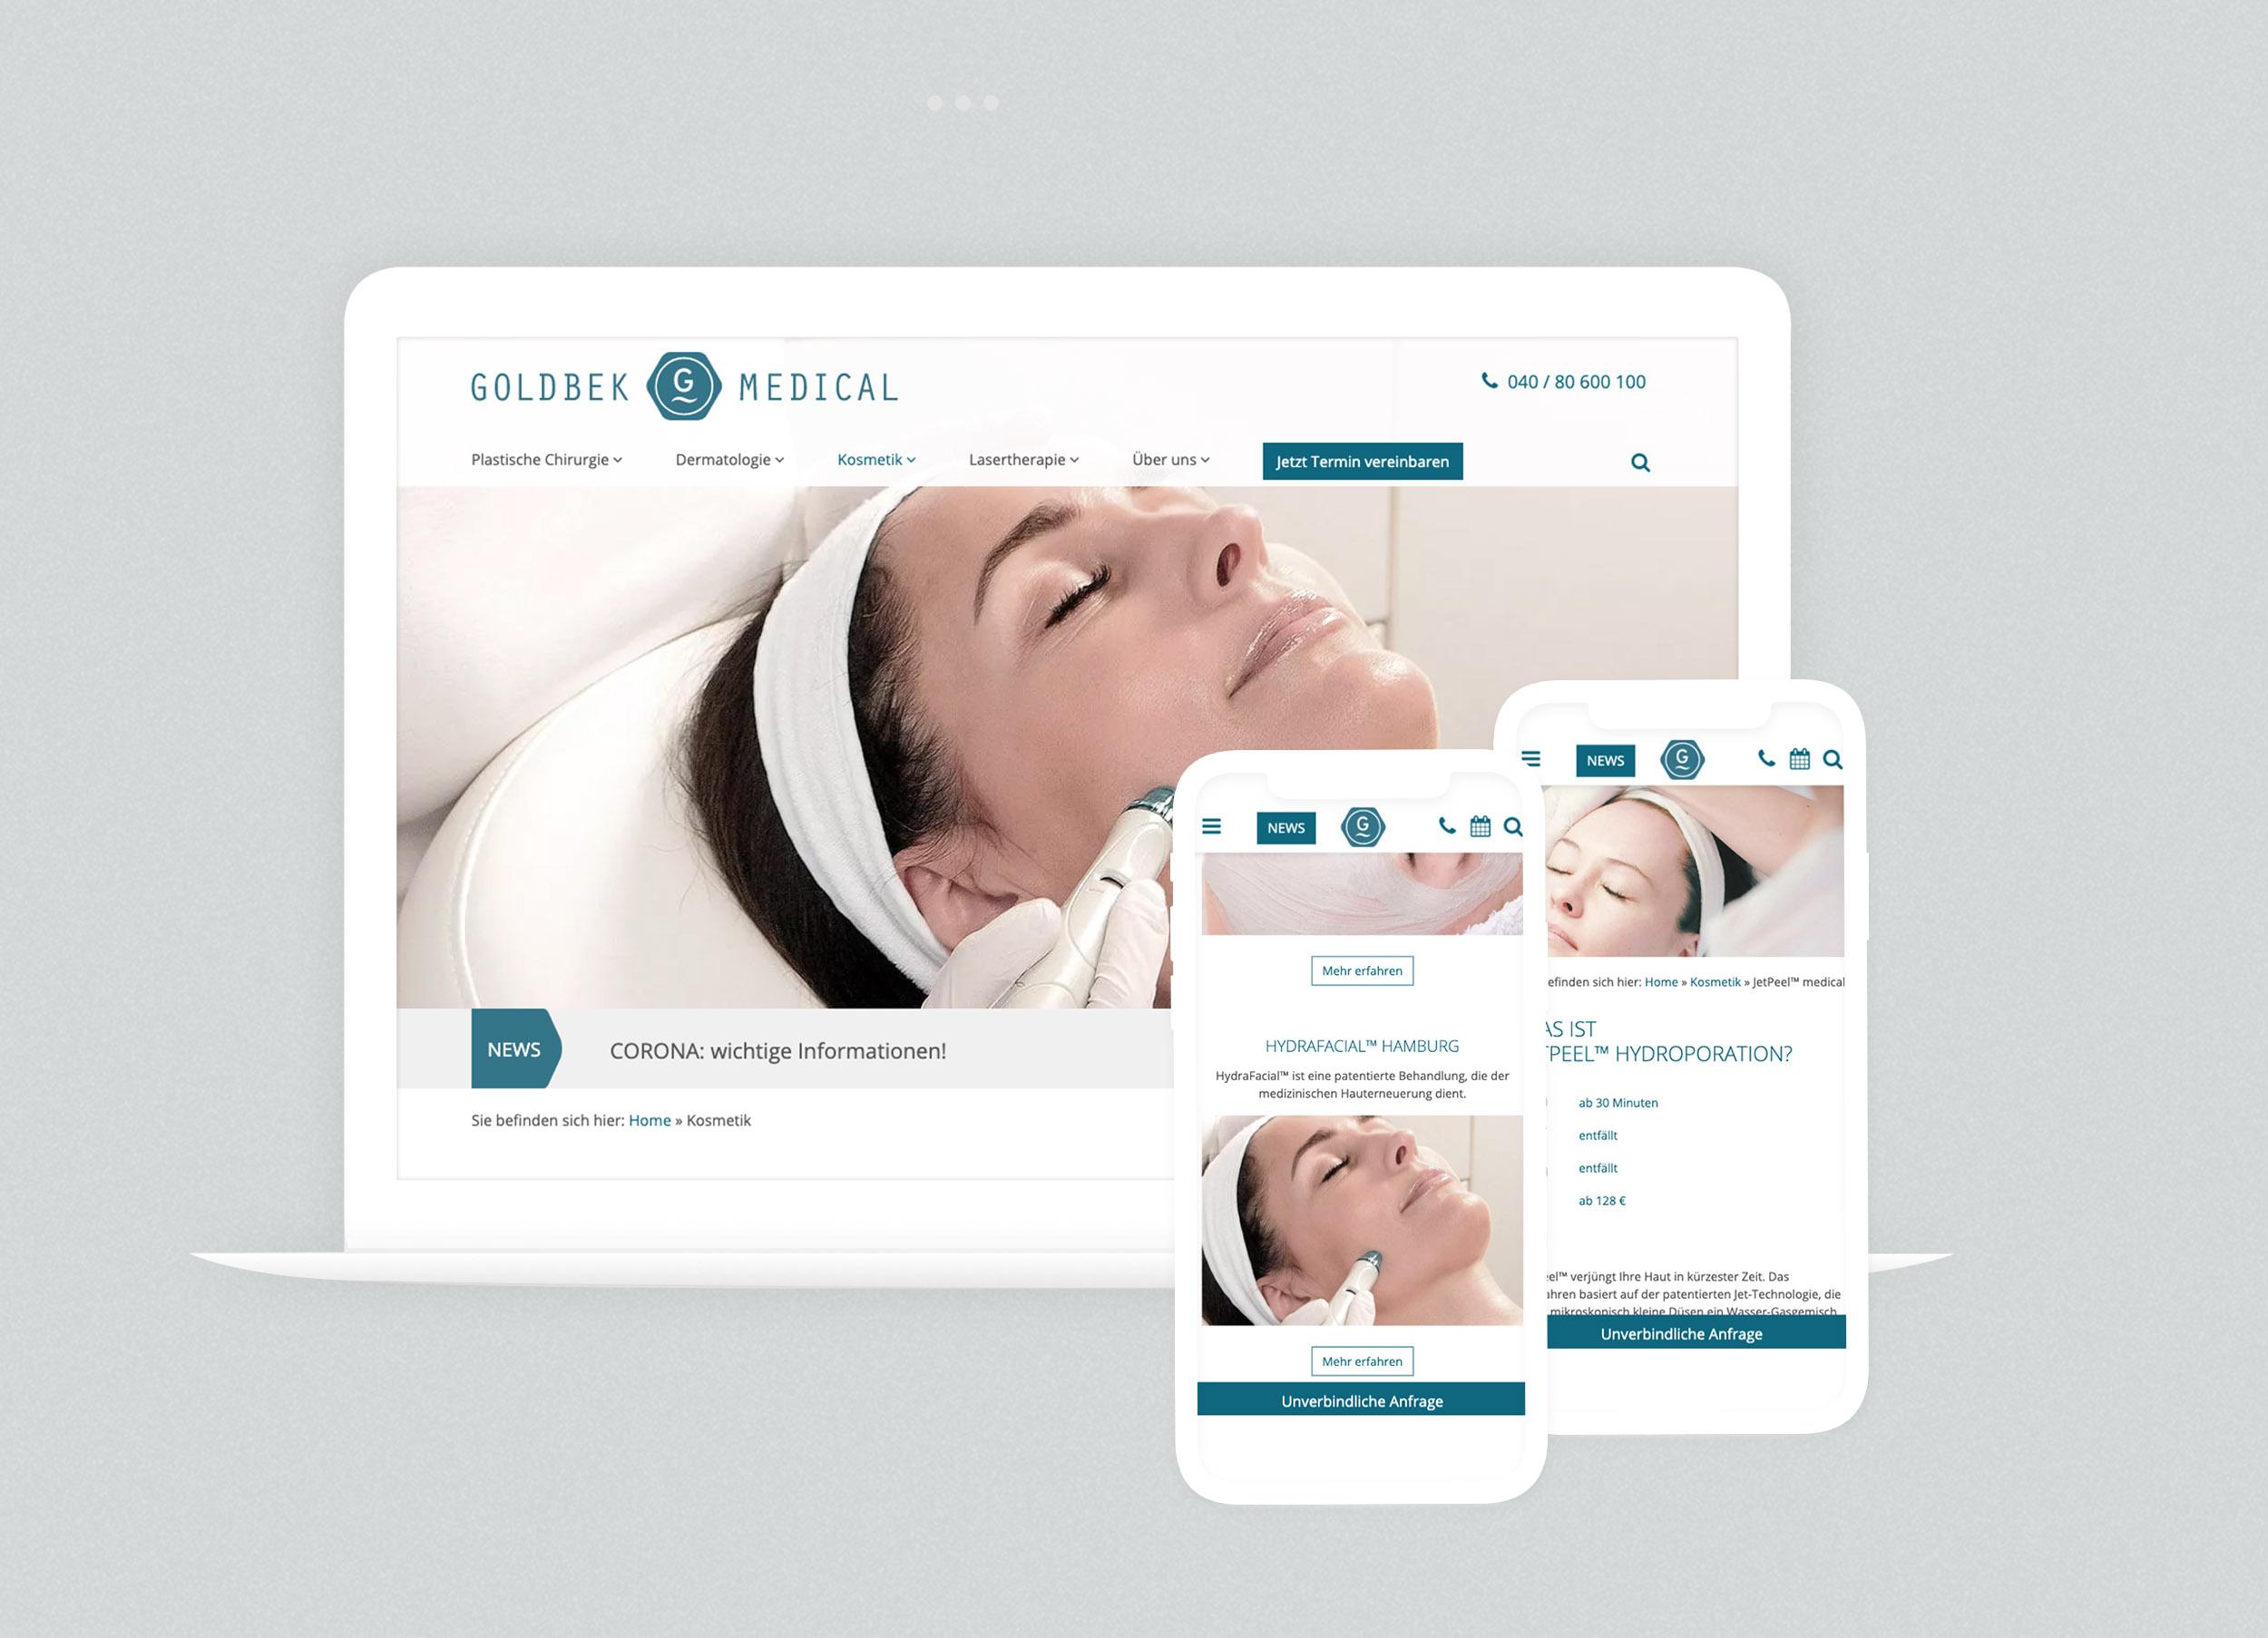 Goldbek Medical